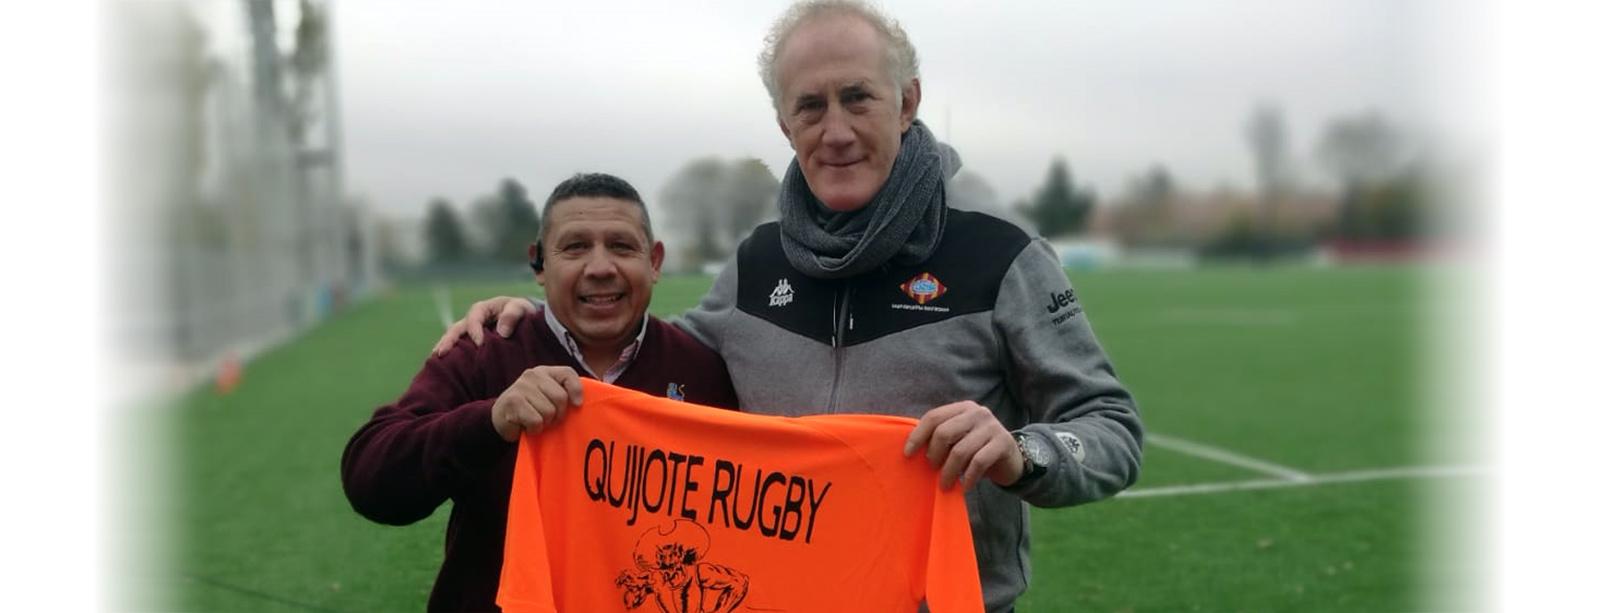 Un mensaje de Albert Malo para el Quijote Rugby Club